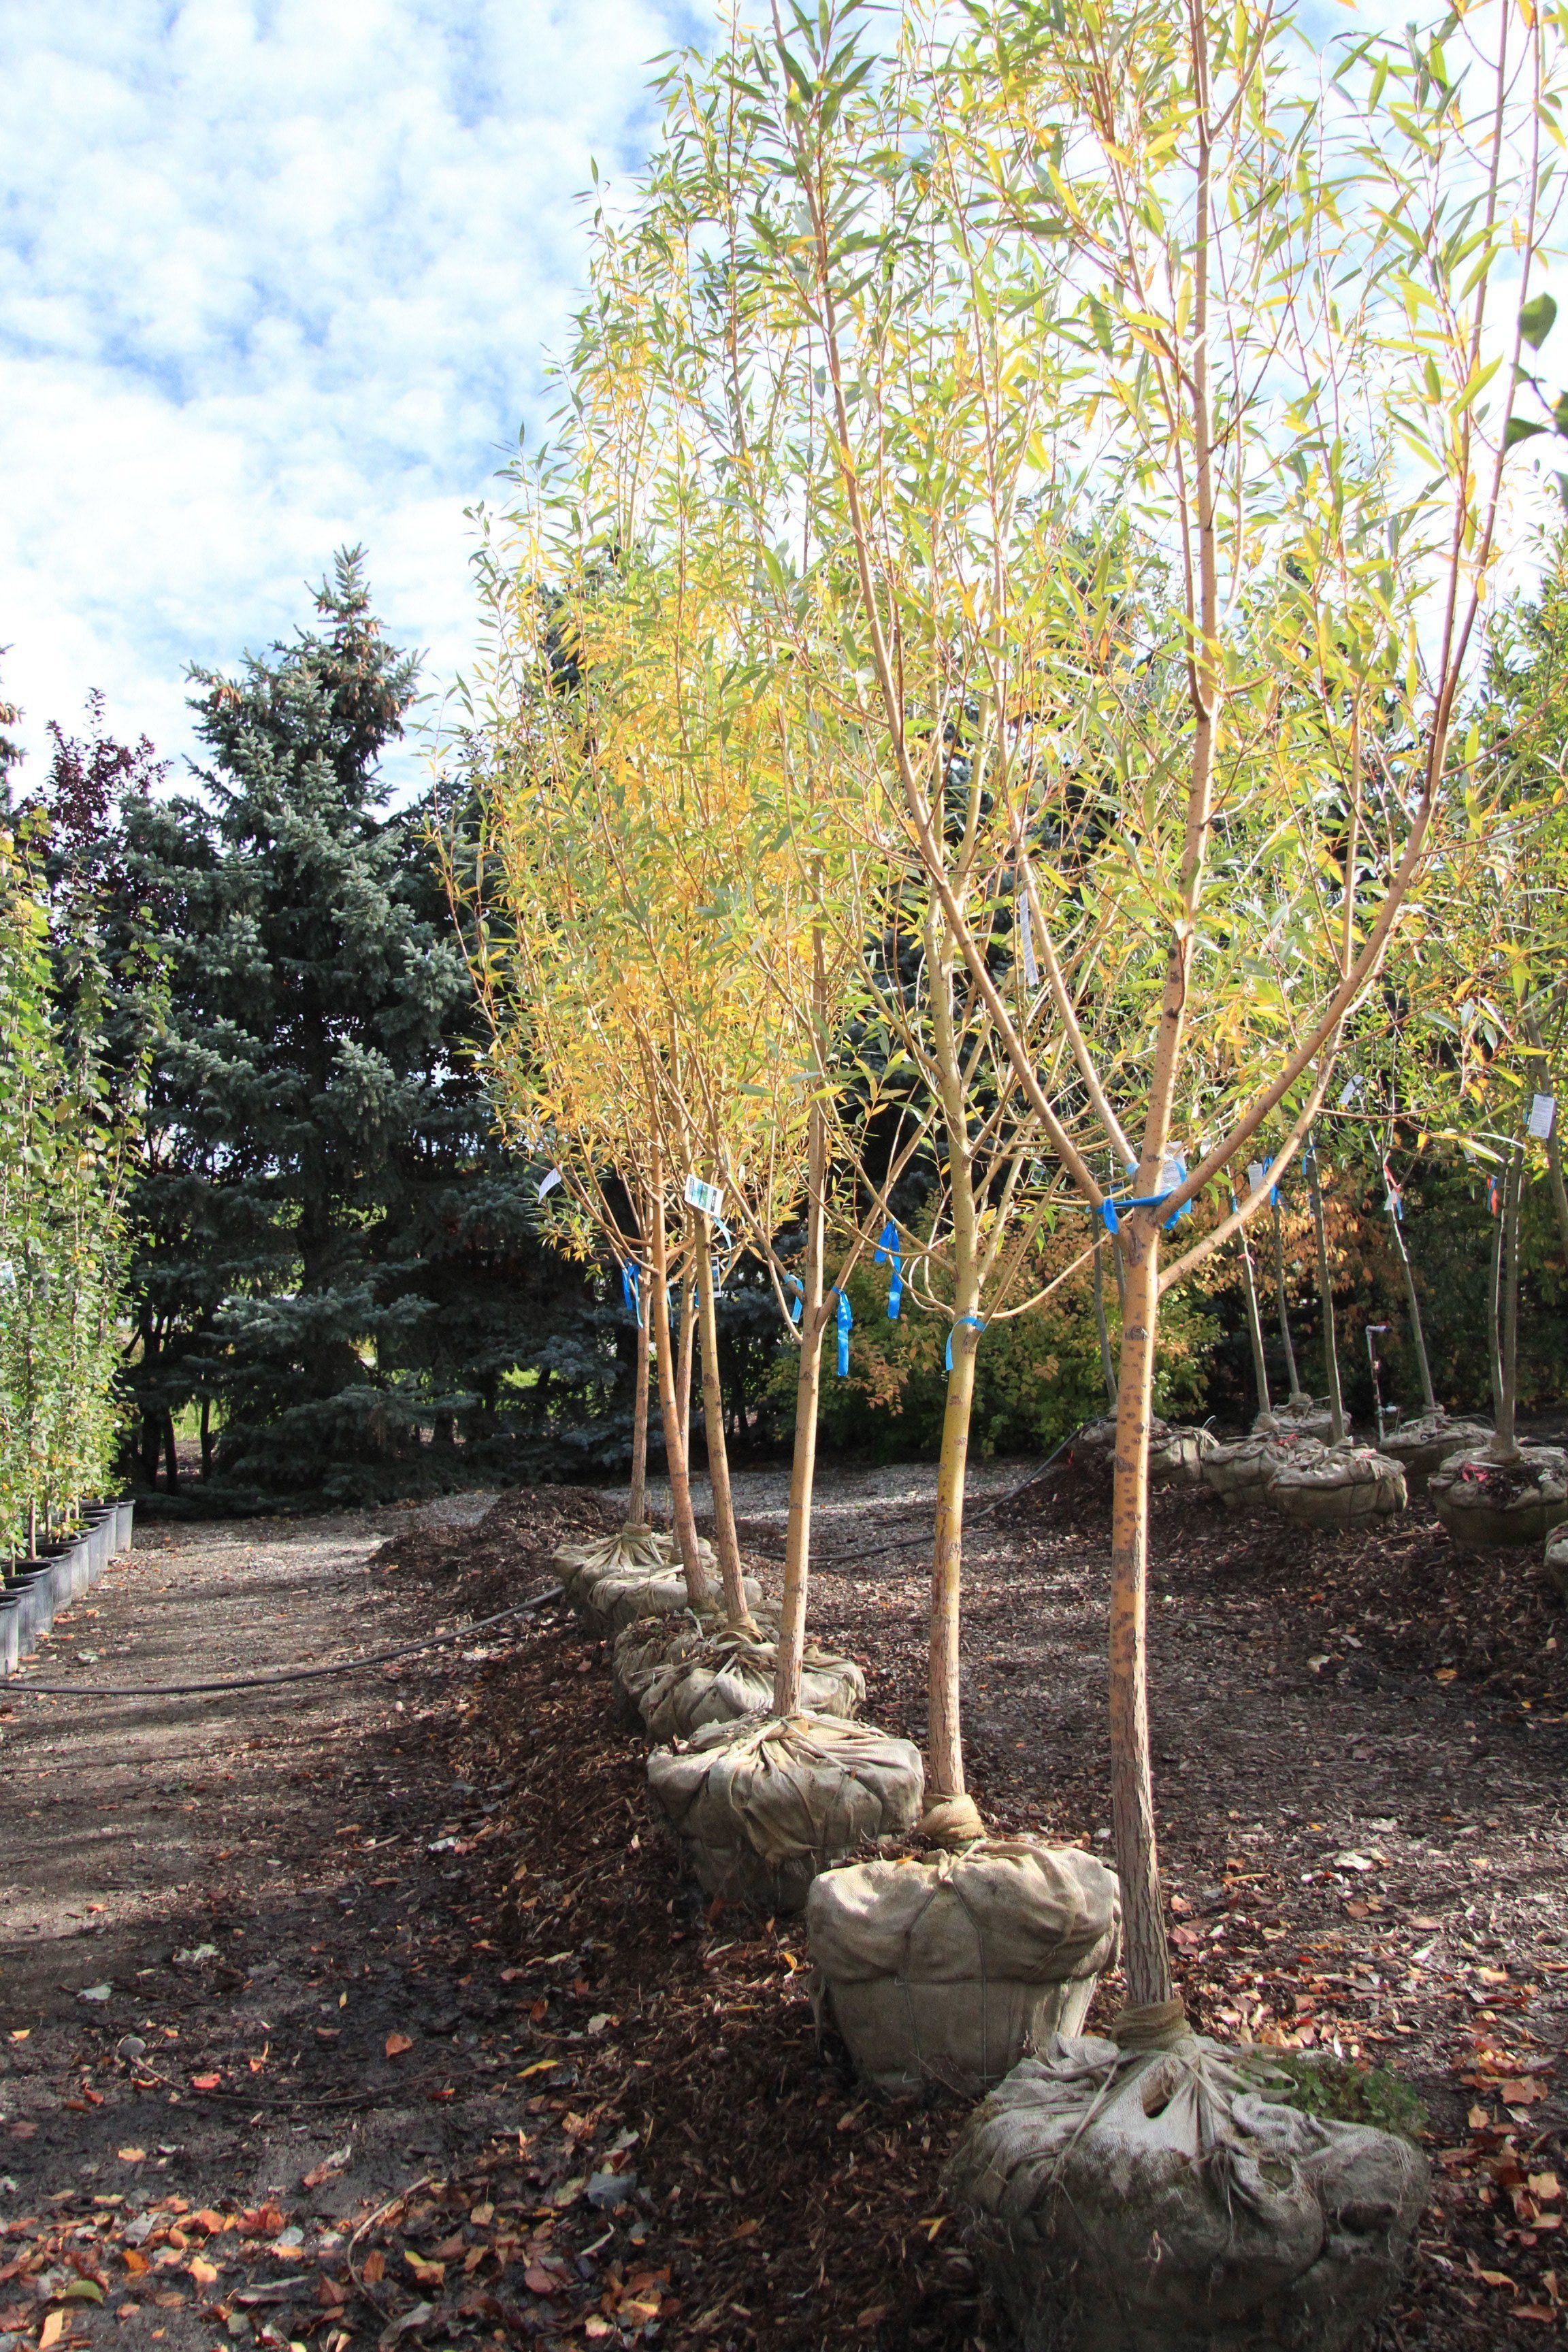 Golden Willow Trees Calgary, Alberta Countryside Garden